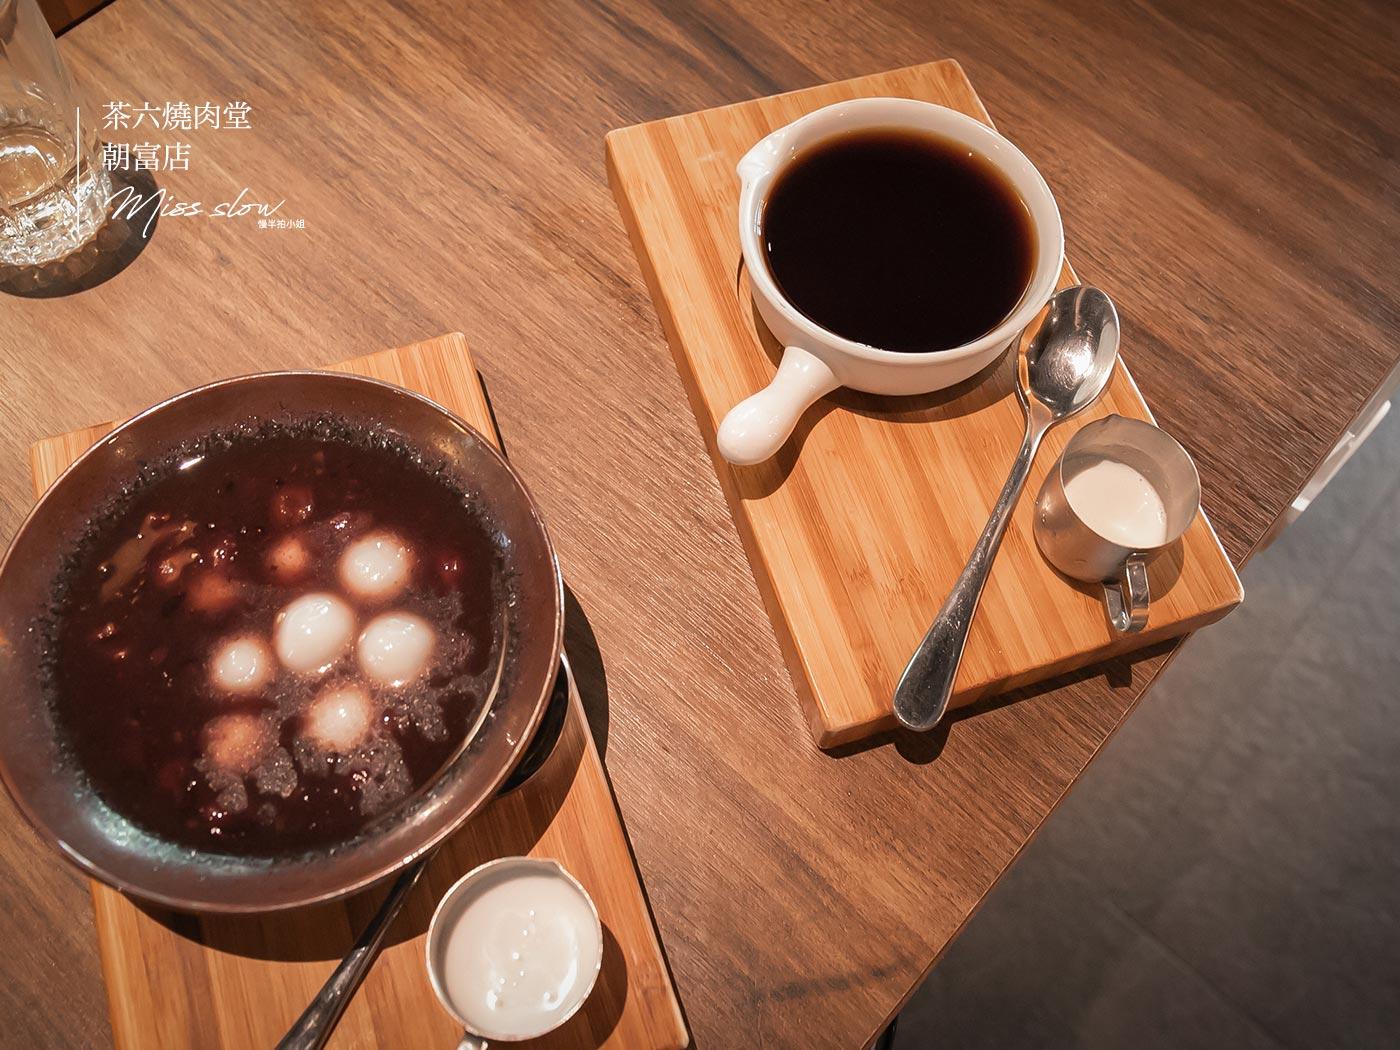 茶六朝富店 紫米紅豆粥 黑糖凍